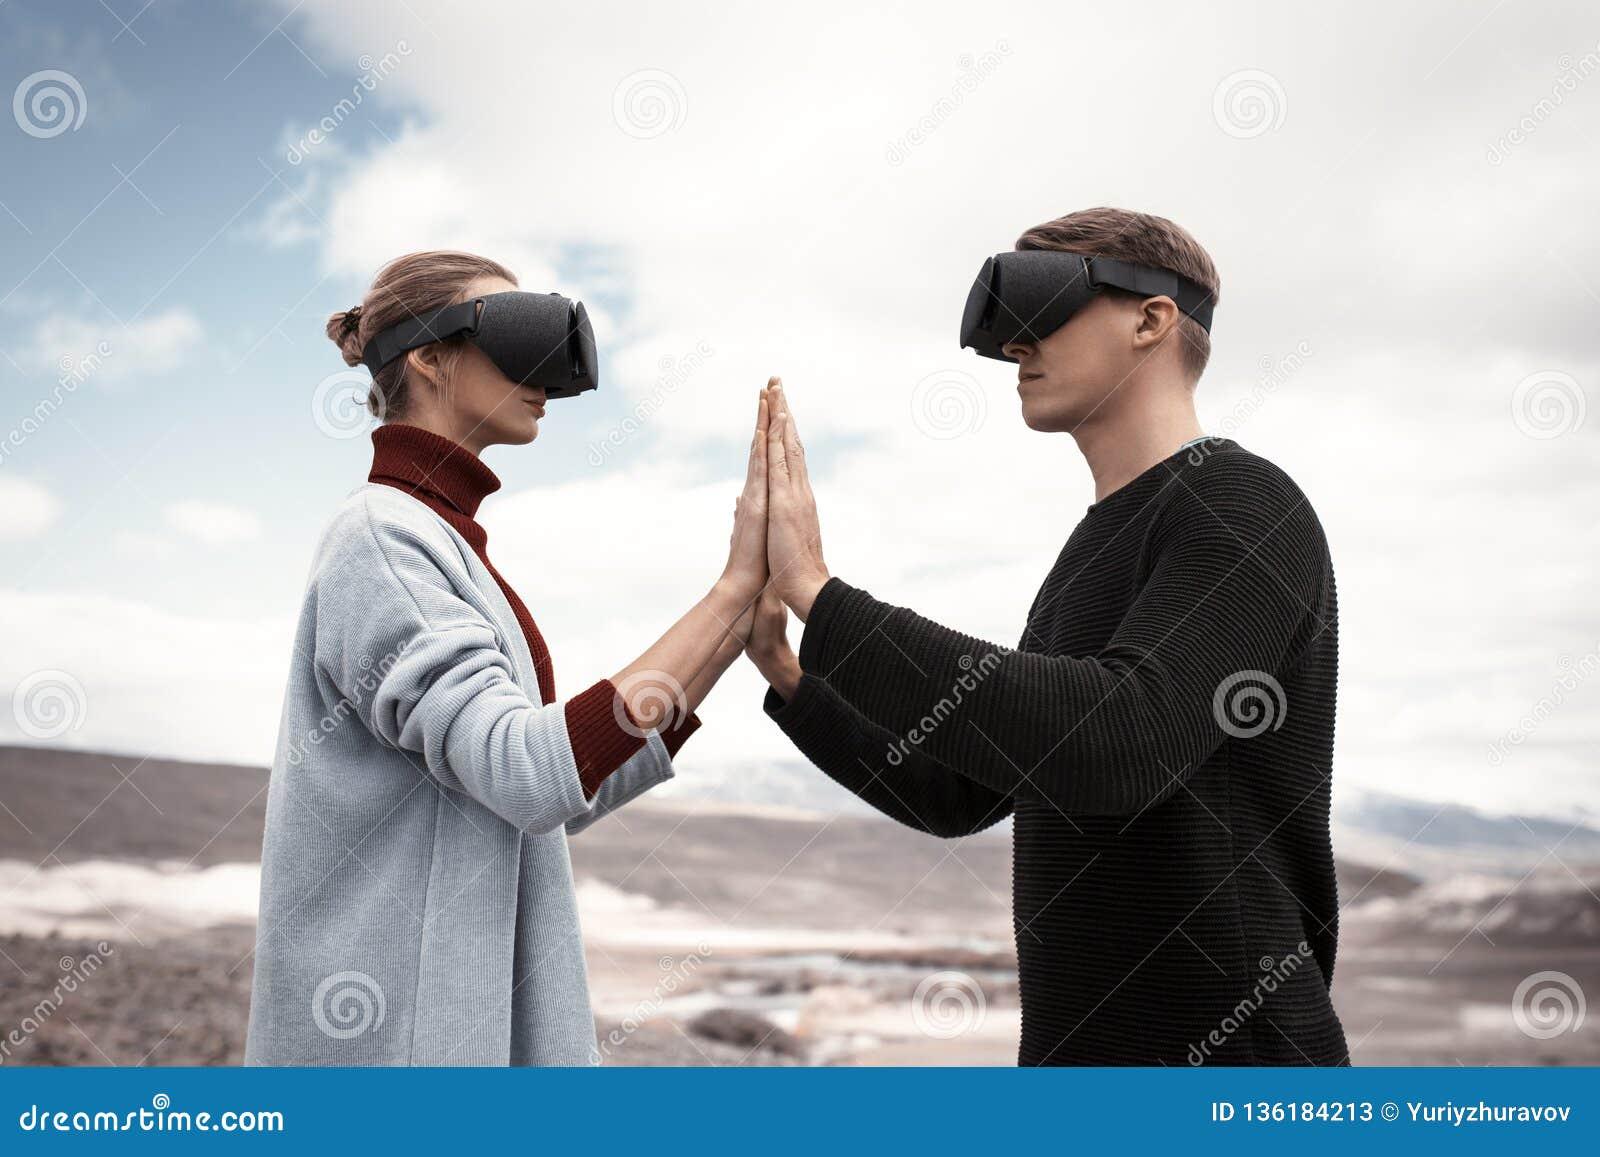 Couplez les voyages dans la réalité virtuelle